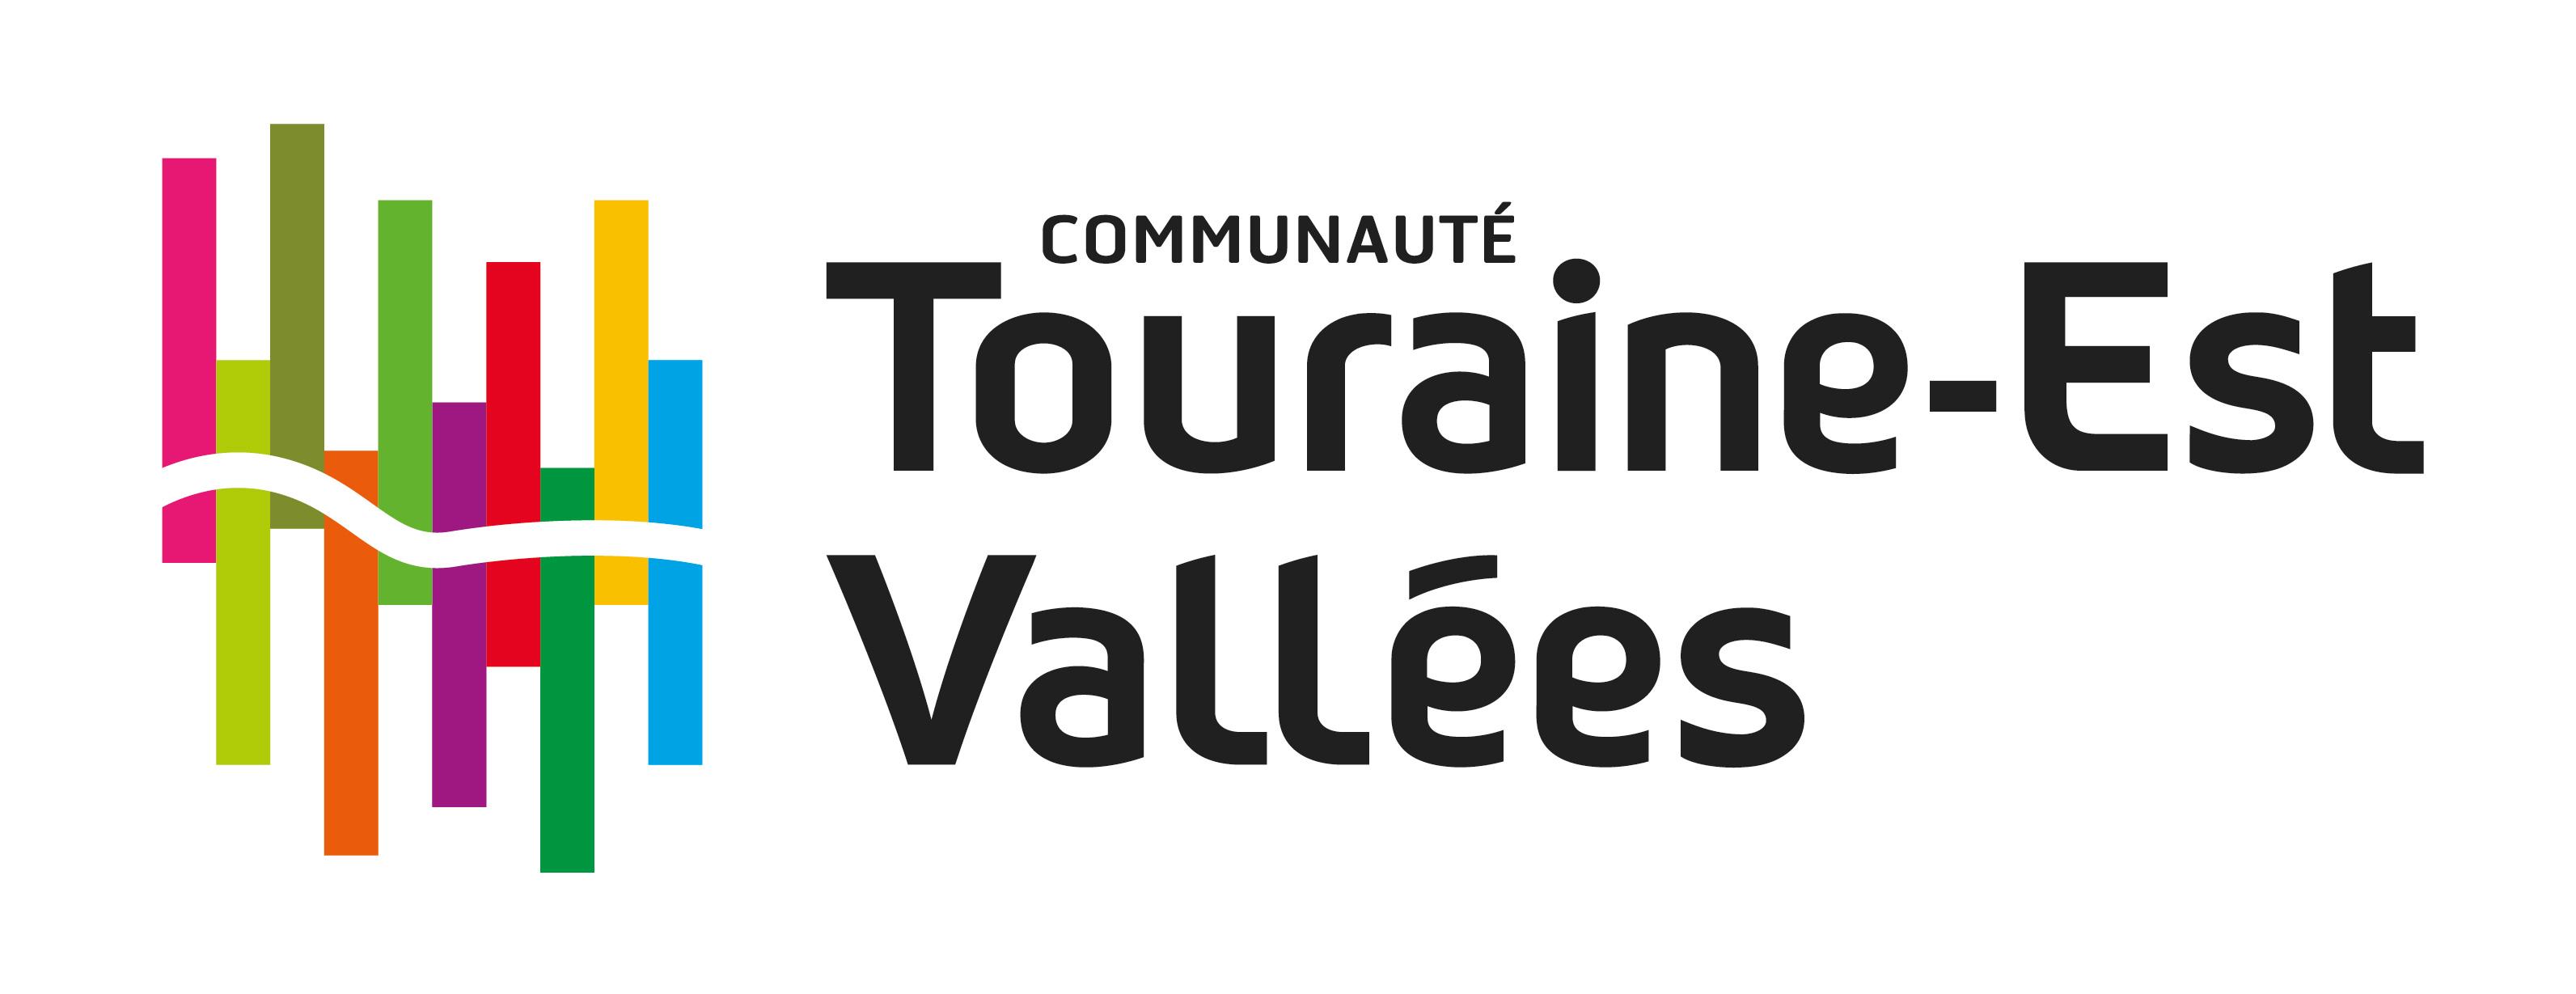 Logo_CdC_Touraine-Est_Vallées.jpg